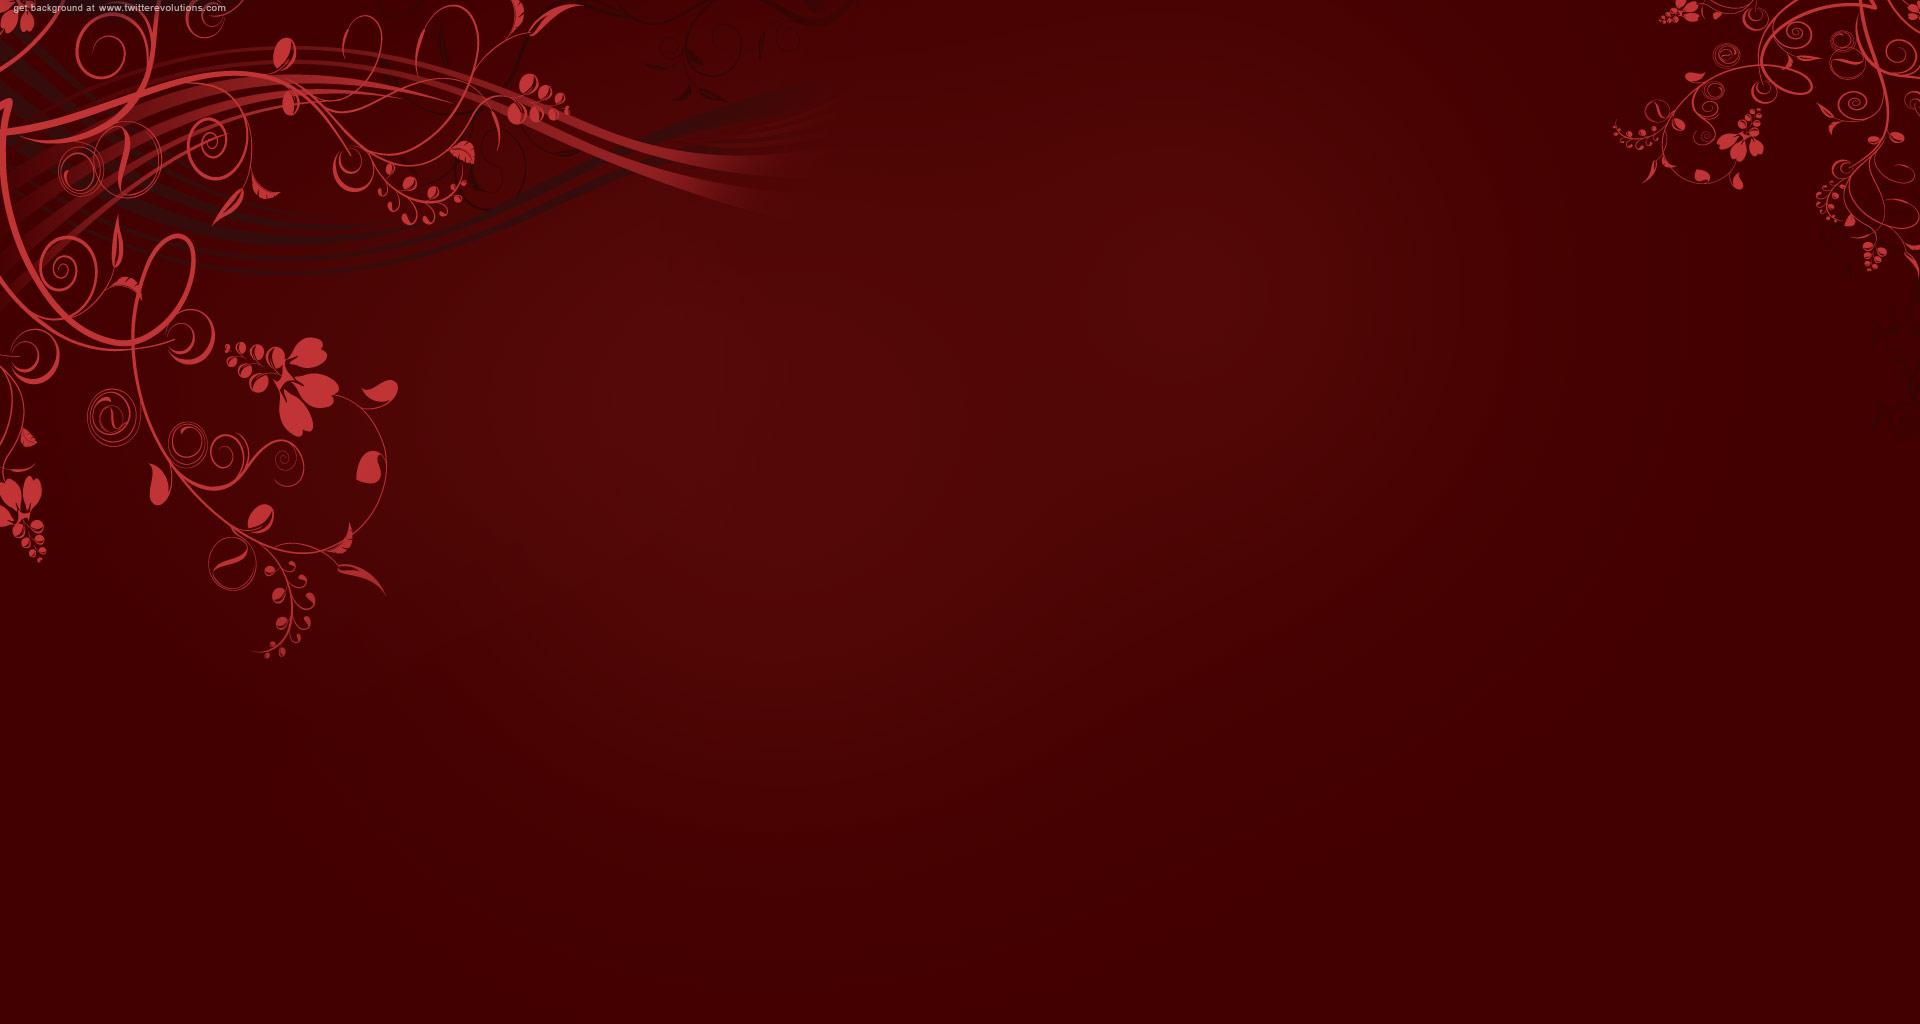 Red swirls twitter background   Twitterevolutions 1920x1024